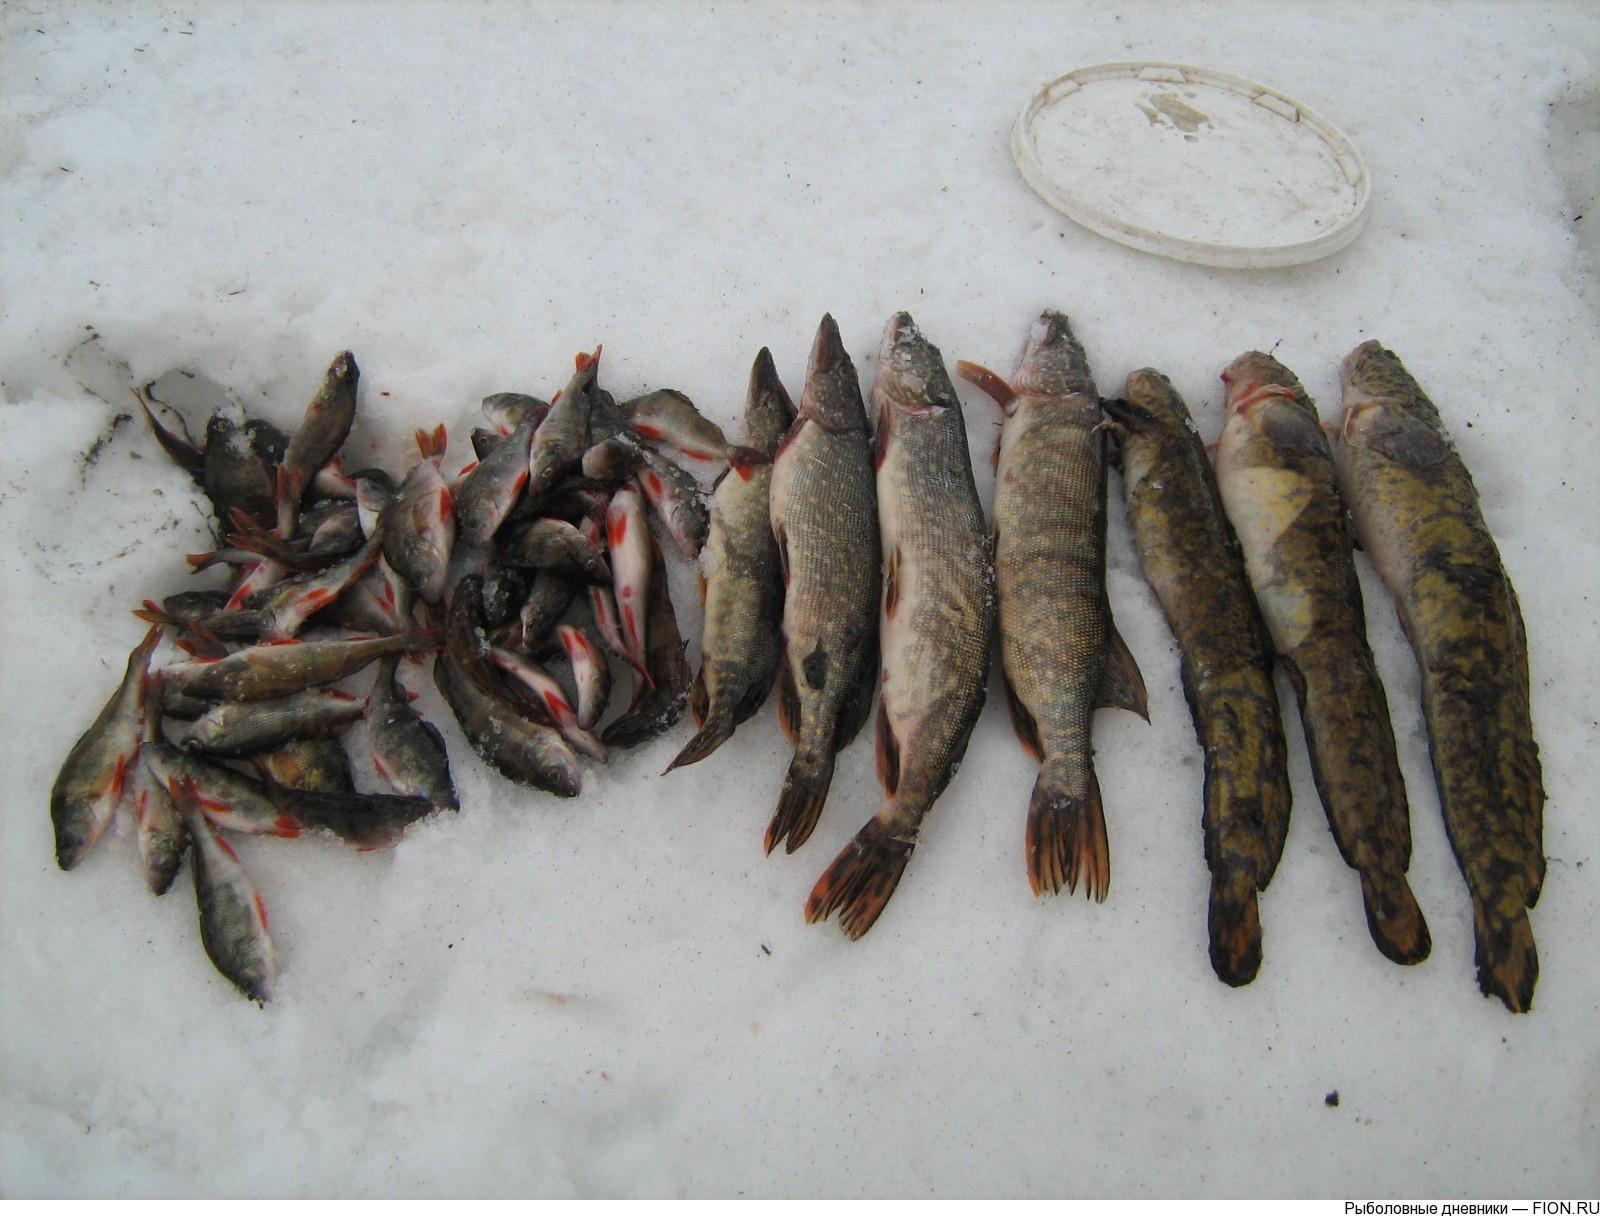 В Череповецком районе обнаружены тела двух пропавших ярославских рыбаков